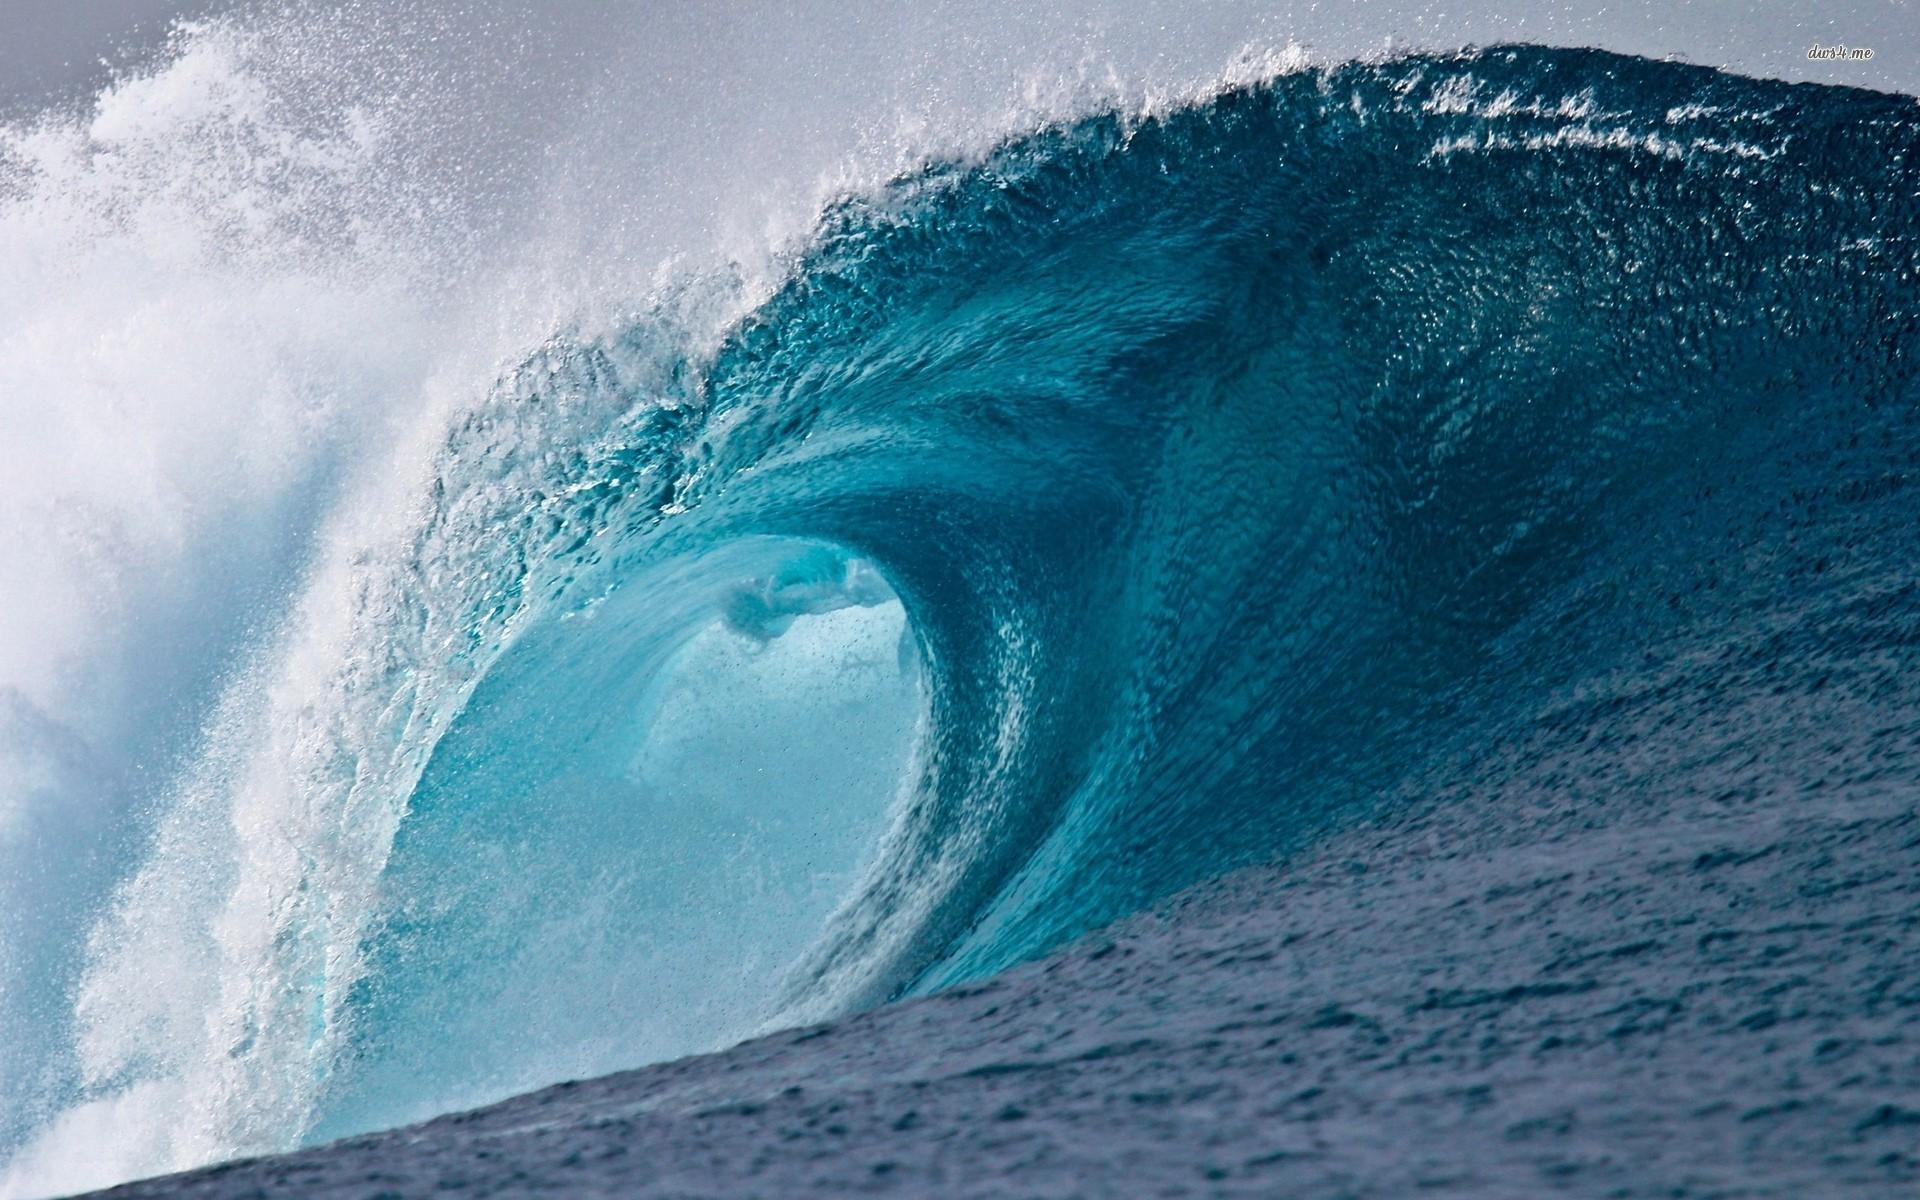 wave wallpaper - wallpapersafari